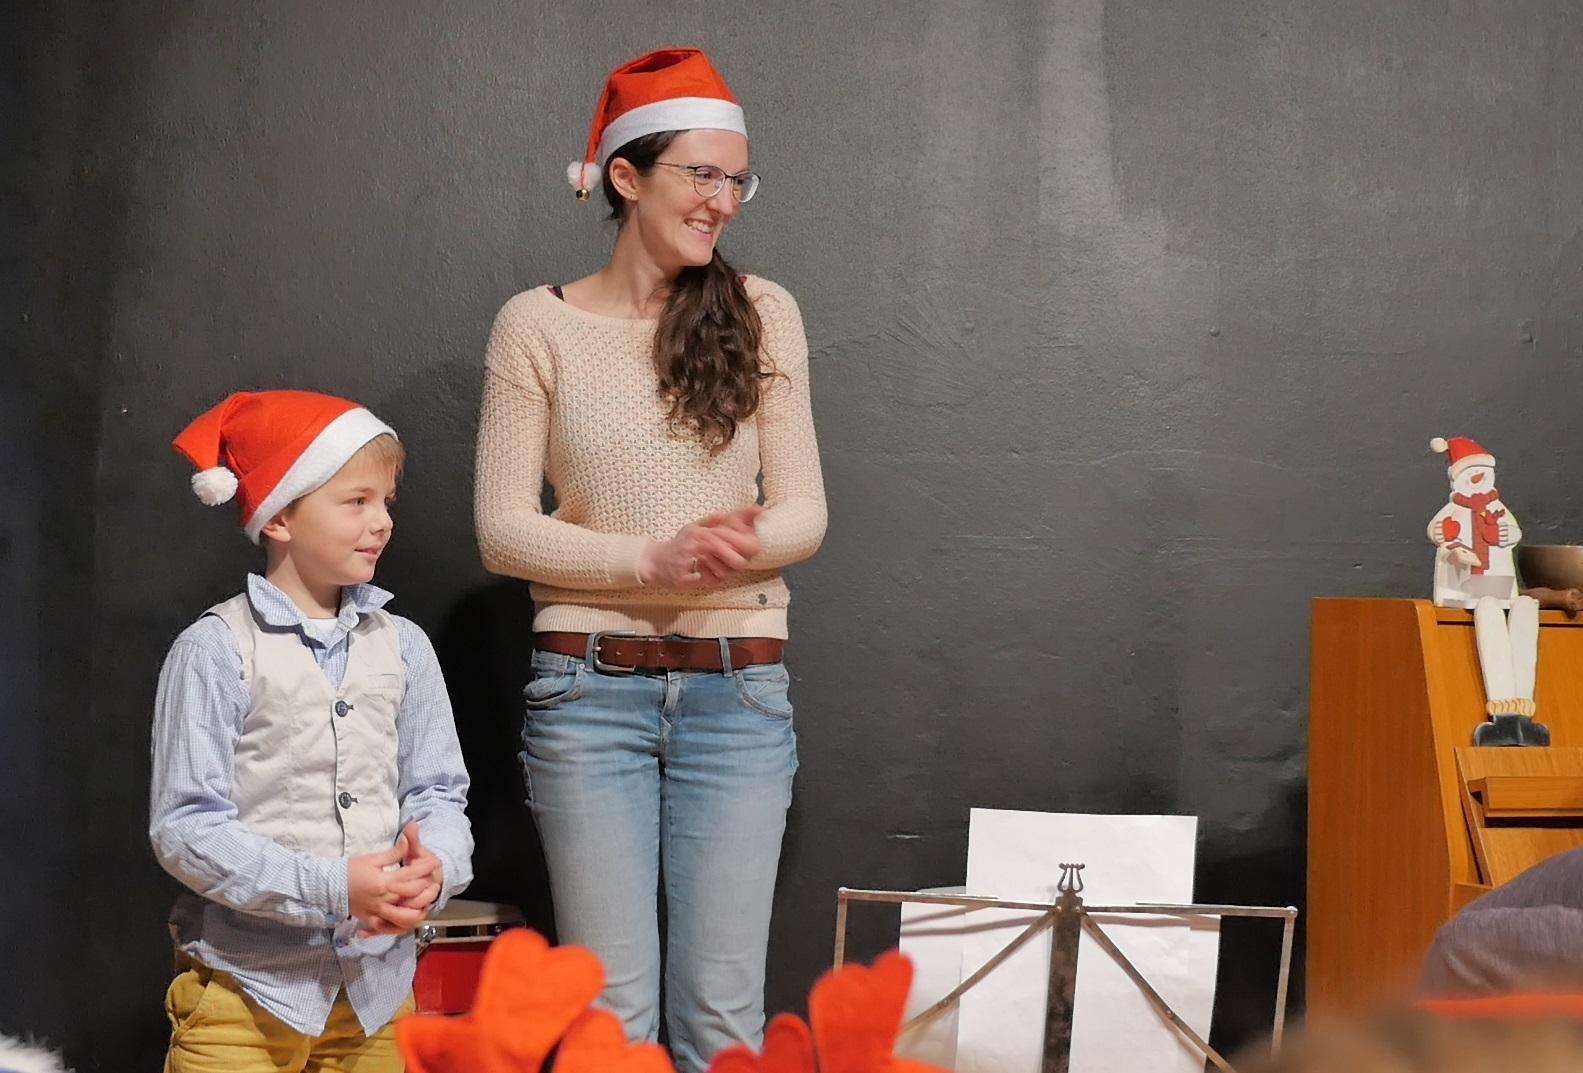 Frau Brinkmann von der Musikschule Chroma in Vellmar